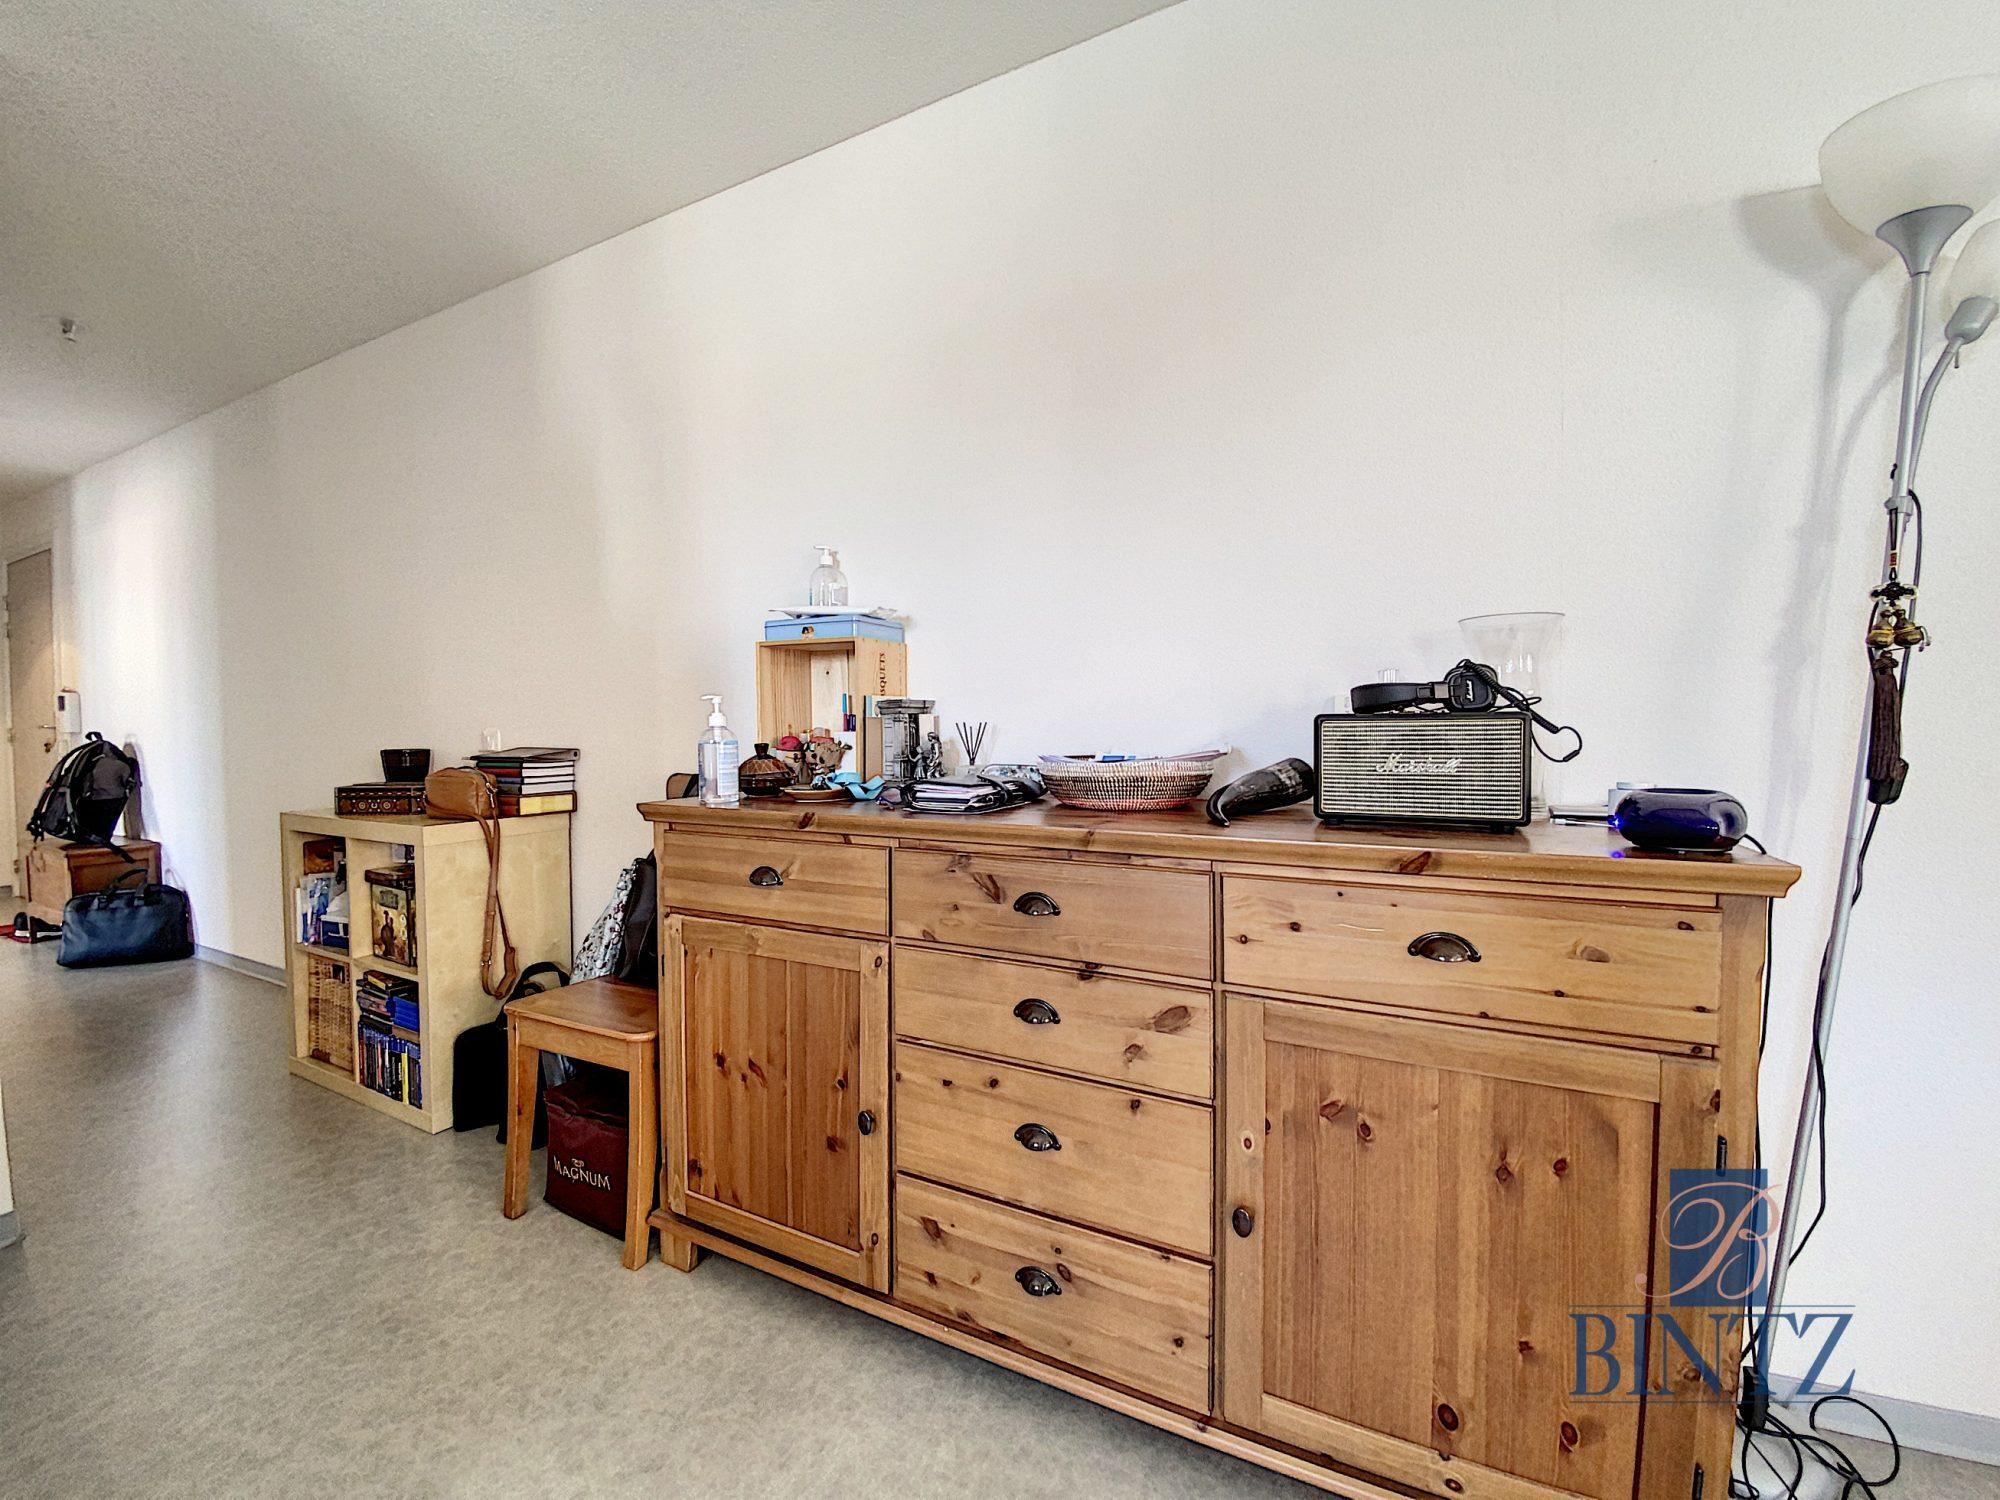 3 pièces neuf avec terrasse Schiltigheim - Devenez propriétaire en toute confiance - Bintz Immobilier - 7